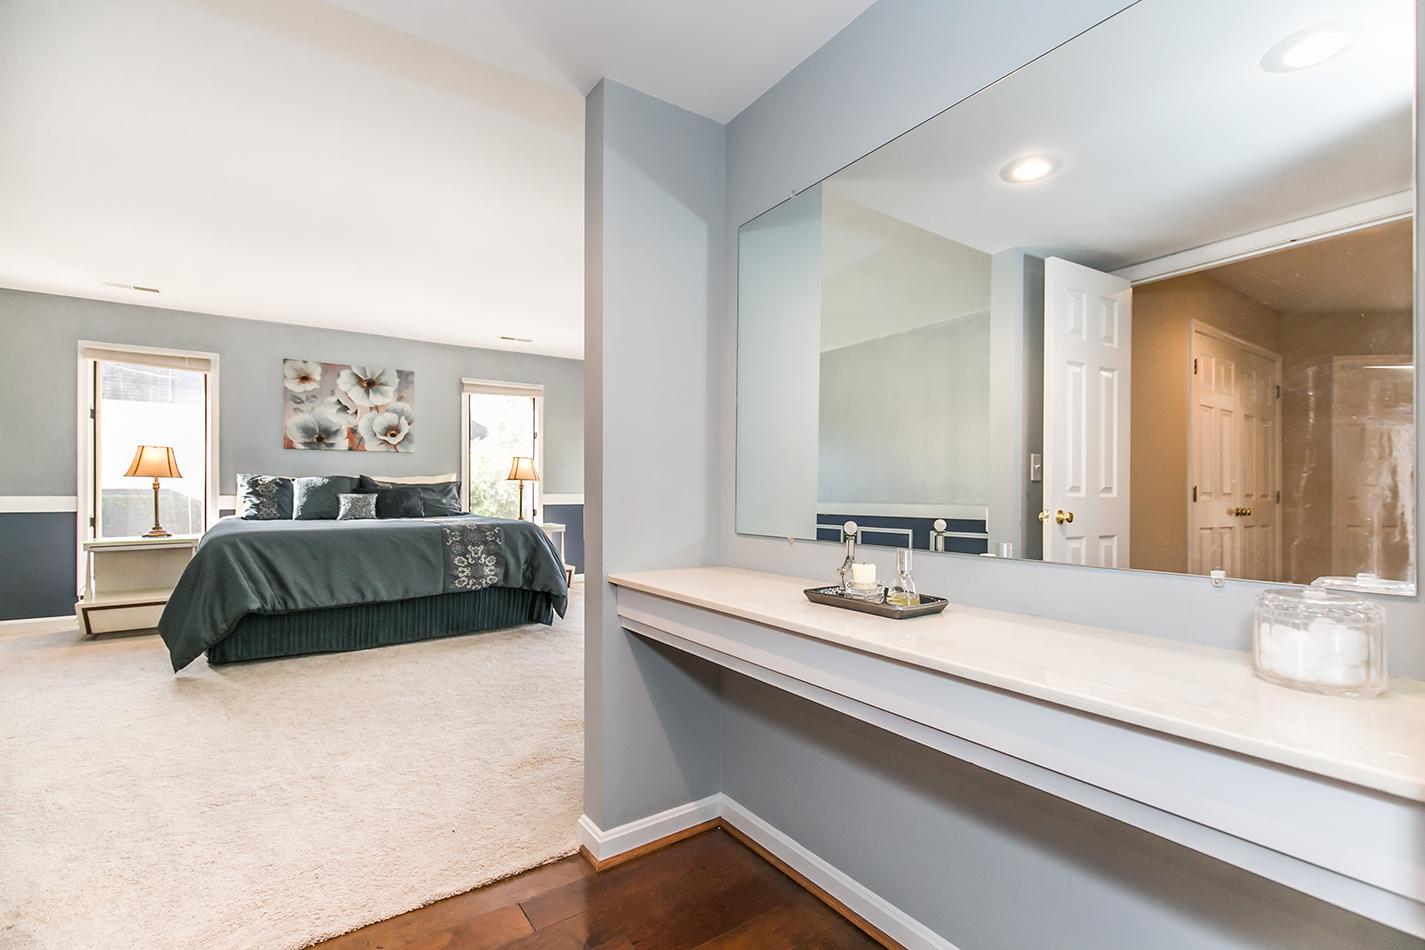 20847 Blossom Landing Way- Bedroom